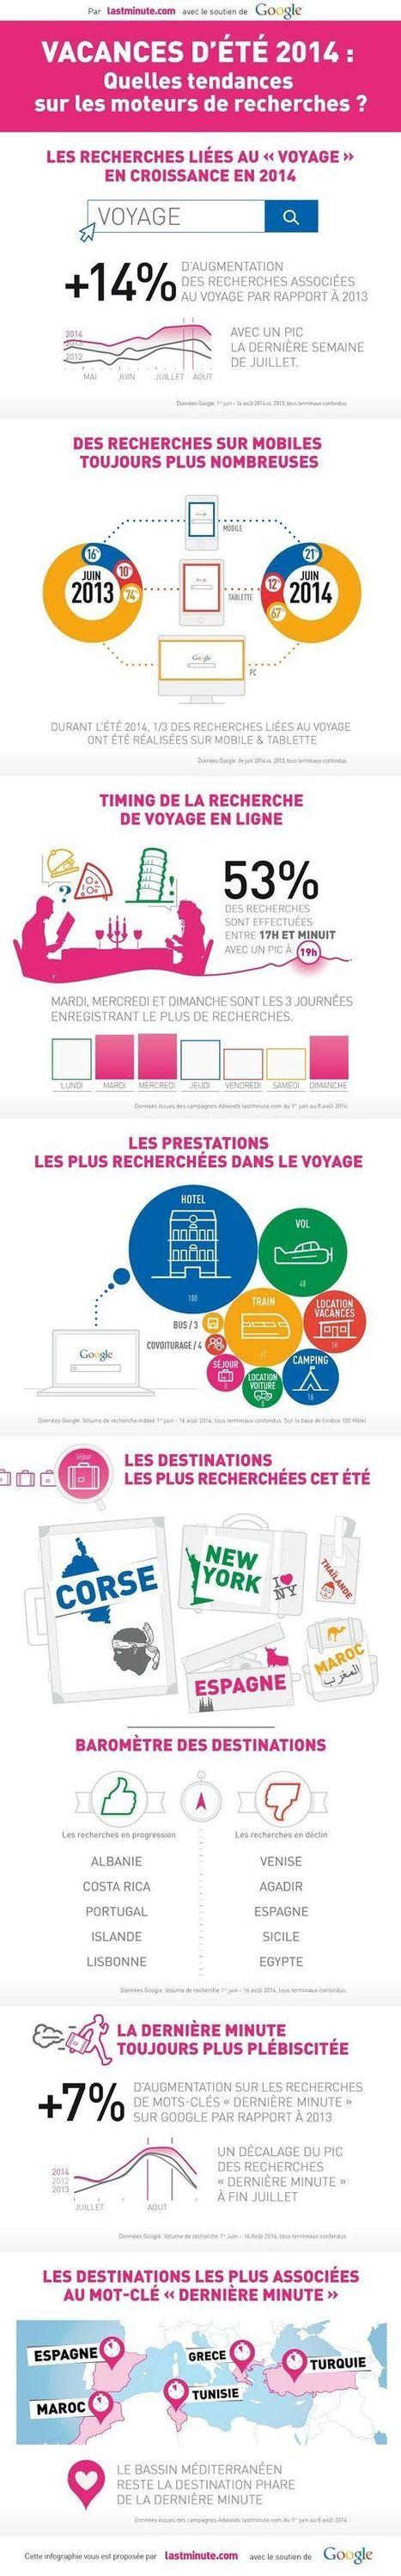 Les tendances de recherches sur Internet en France dans le voyage pour l'été 2014 - Etourisme.info | E-tourisme | Scoop.it